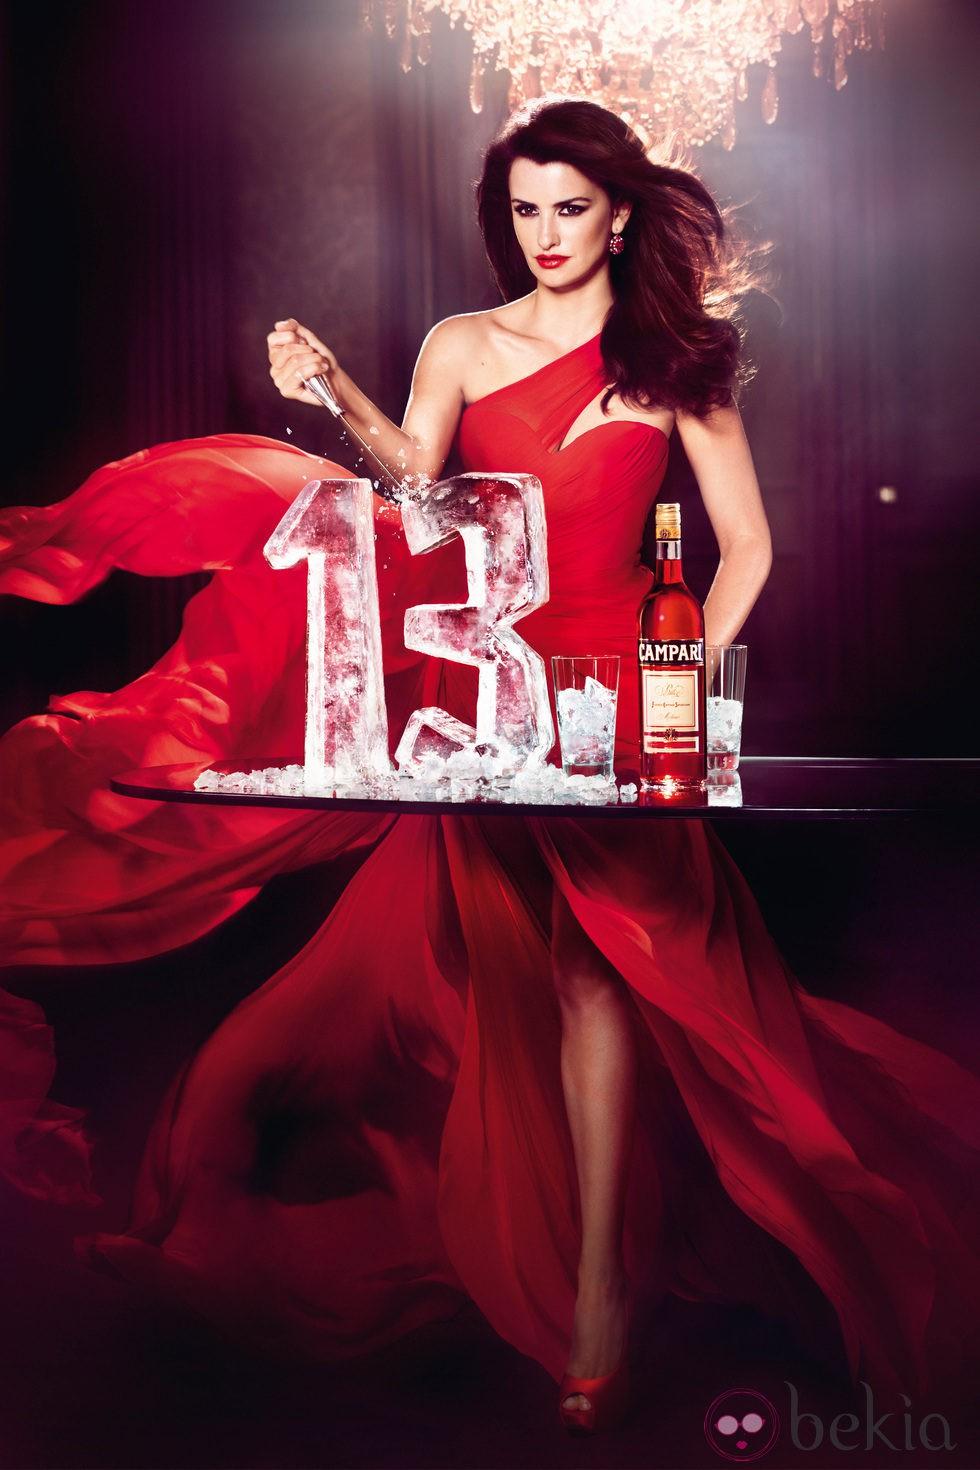 Penélope Cruz en la portada del Calendario Campari 2013